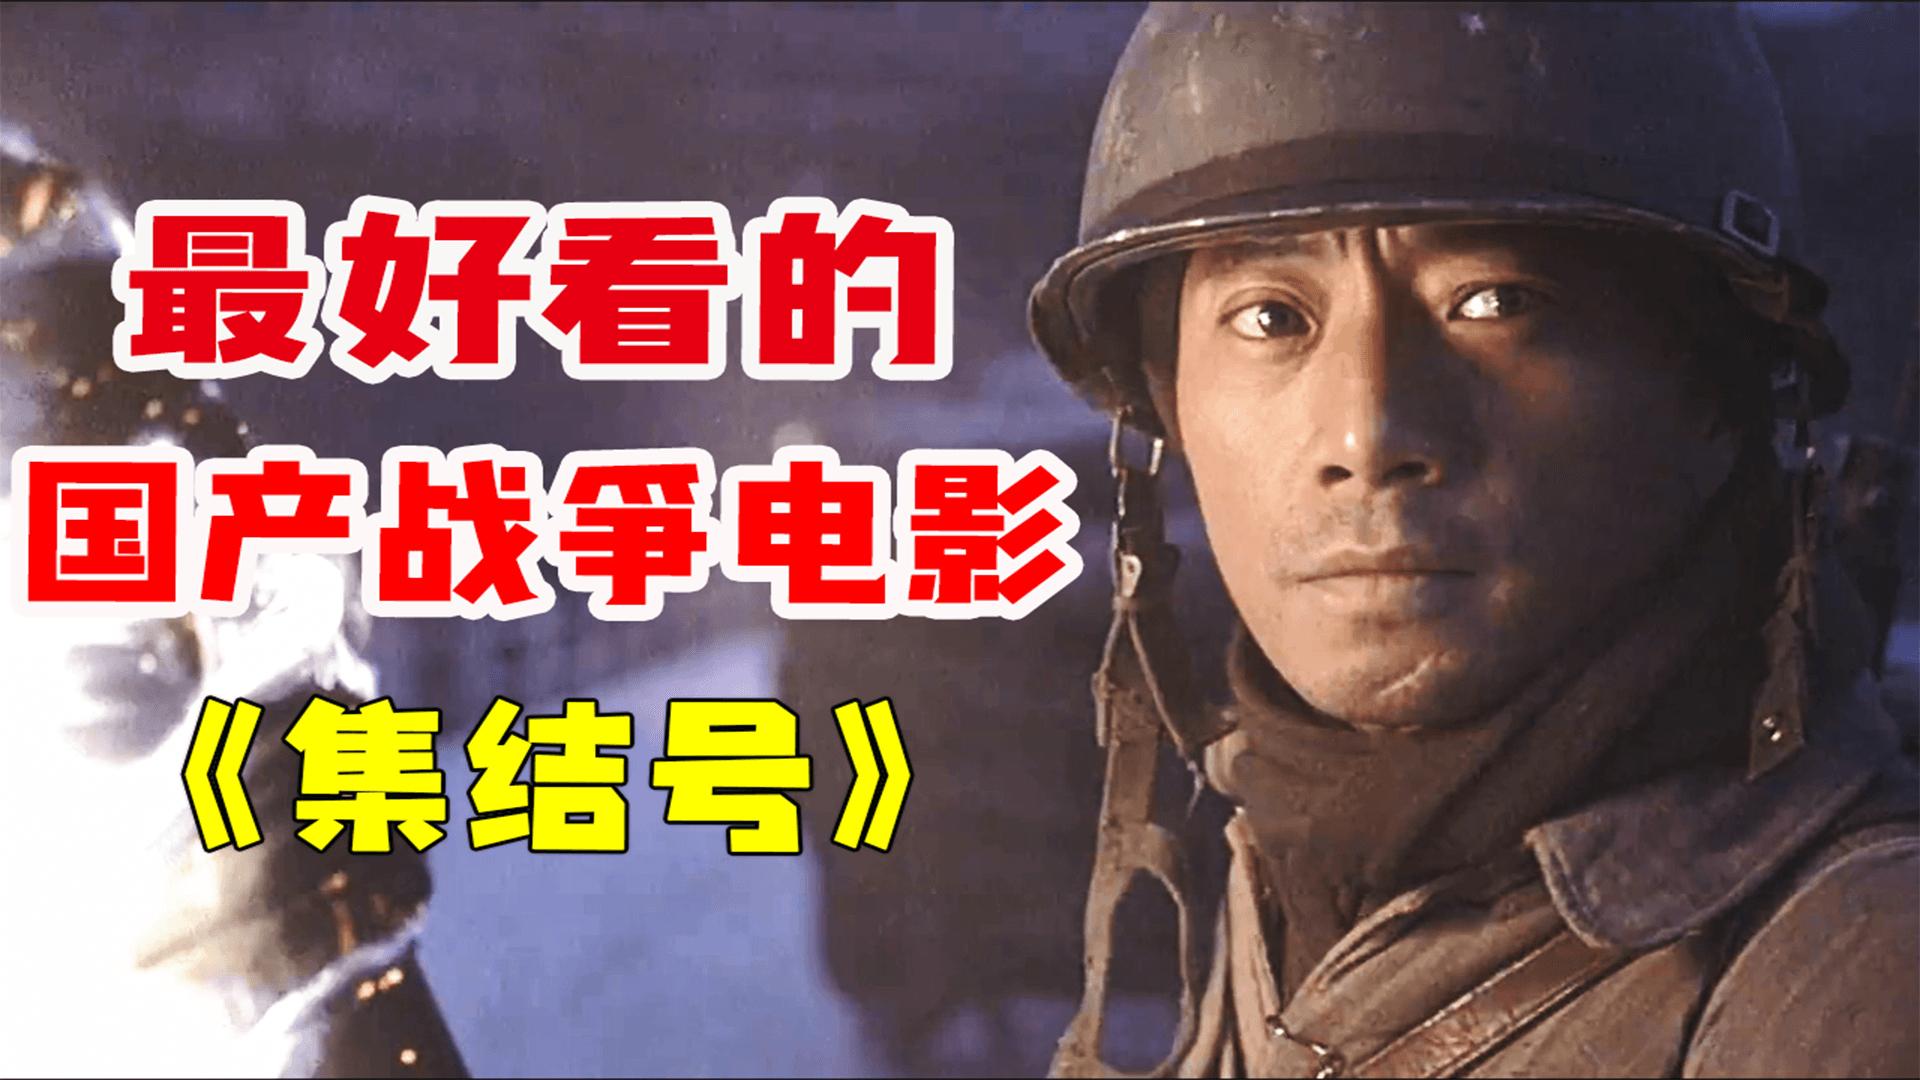 【汤圆】国产战争片巅峰之作,迟迟没有吹响的《集结号》,比《金刚川》早13年